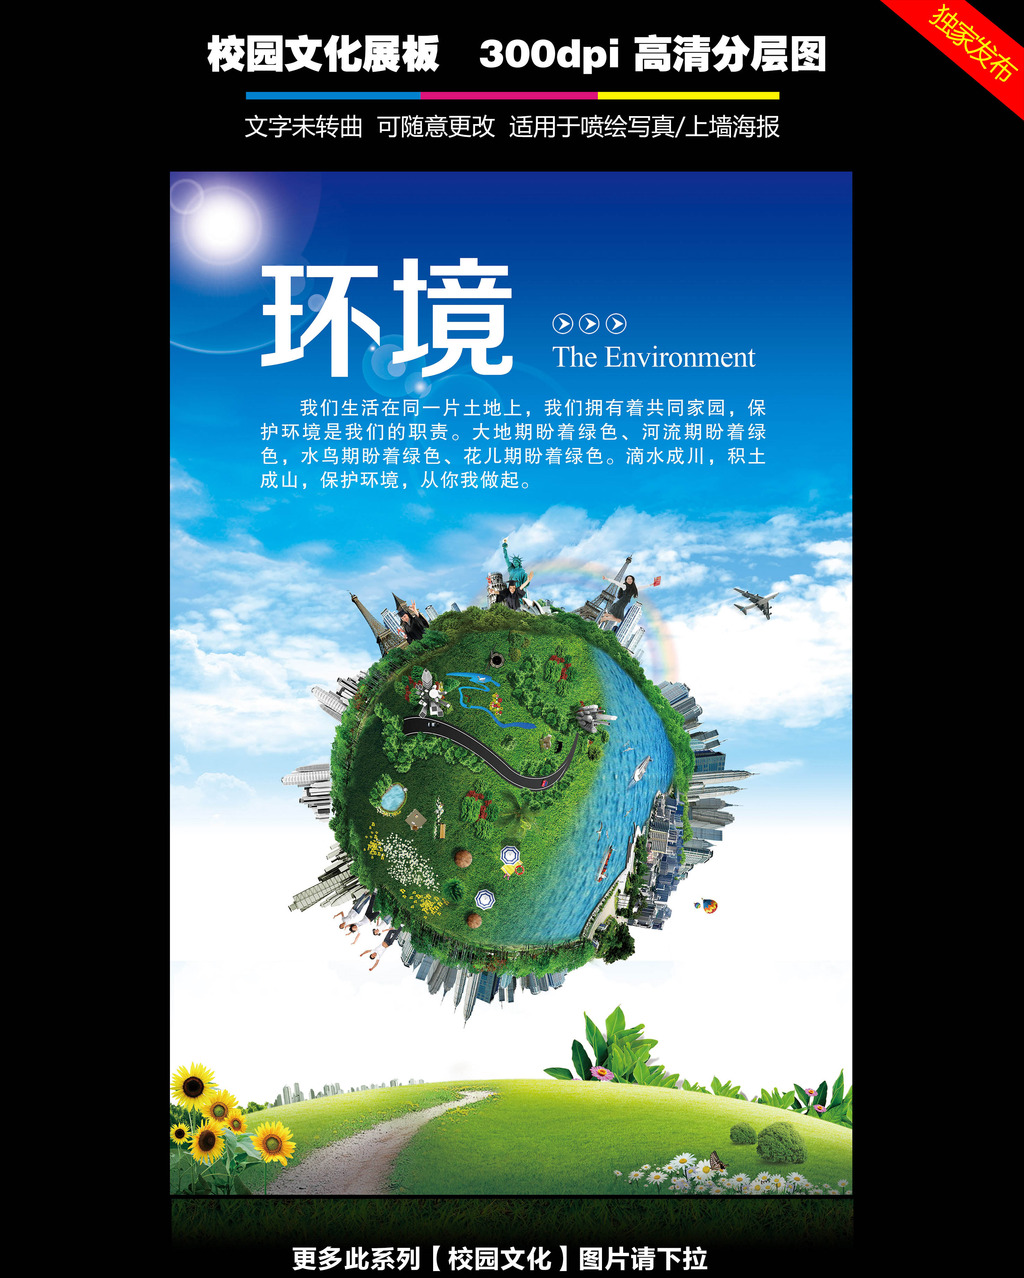 校园文化展板海报设计1爱护环境